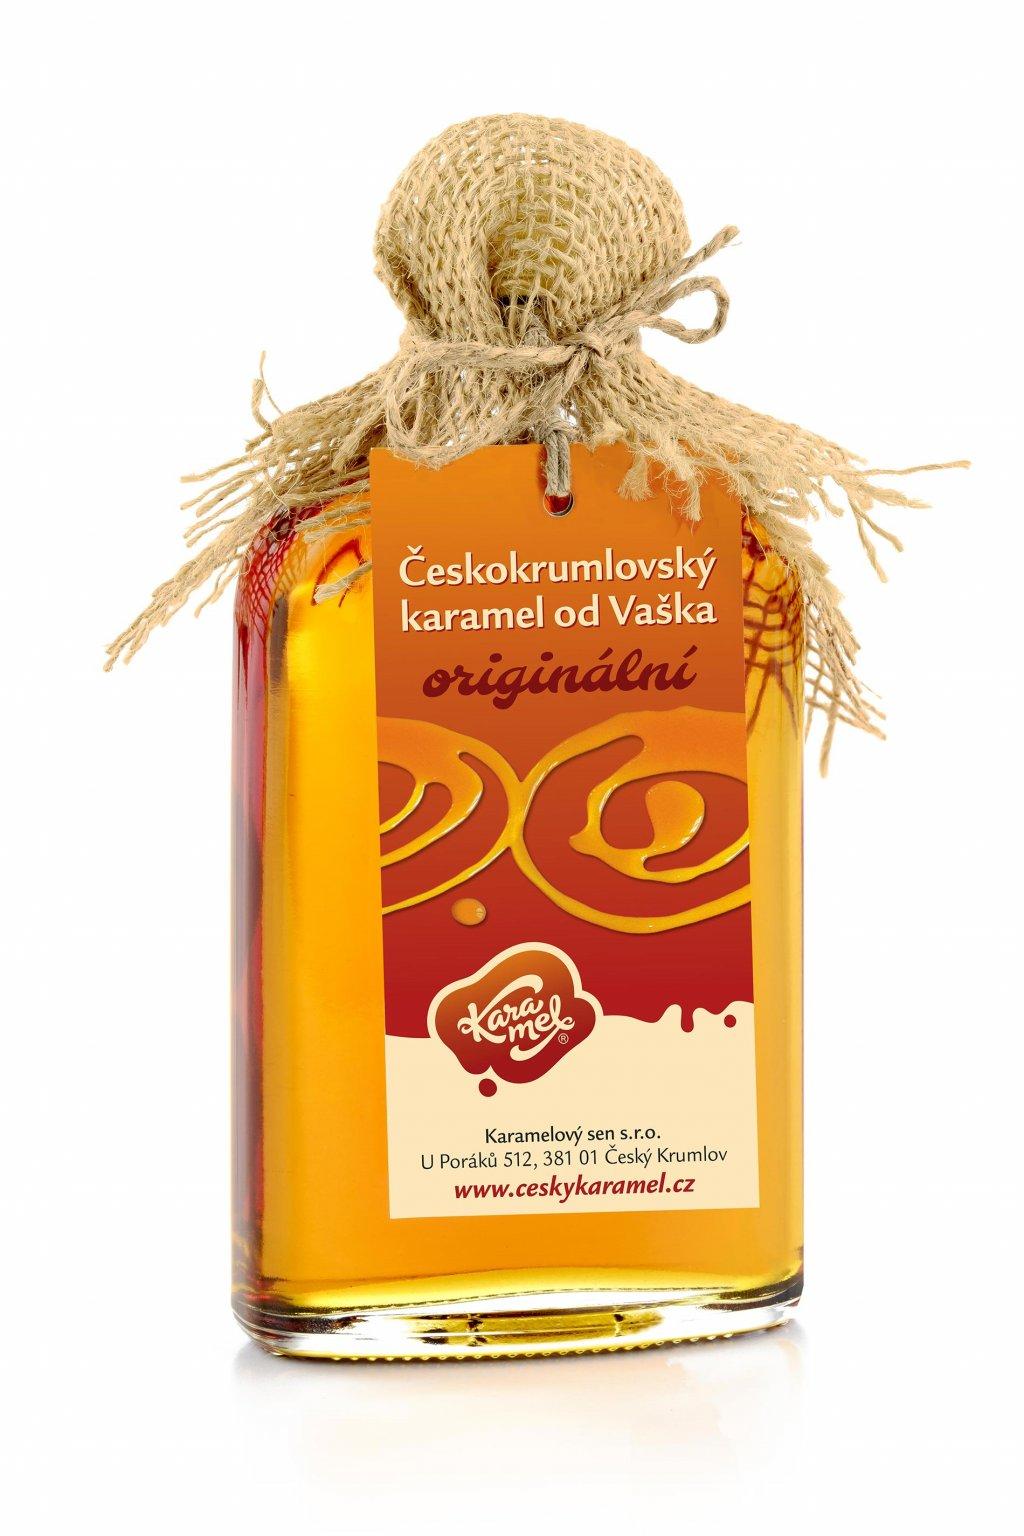 tekutý českokrumlovský karamel od vaška originální